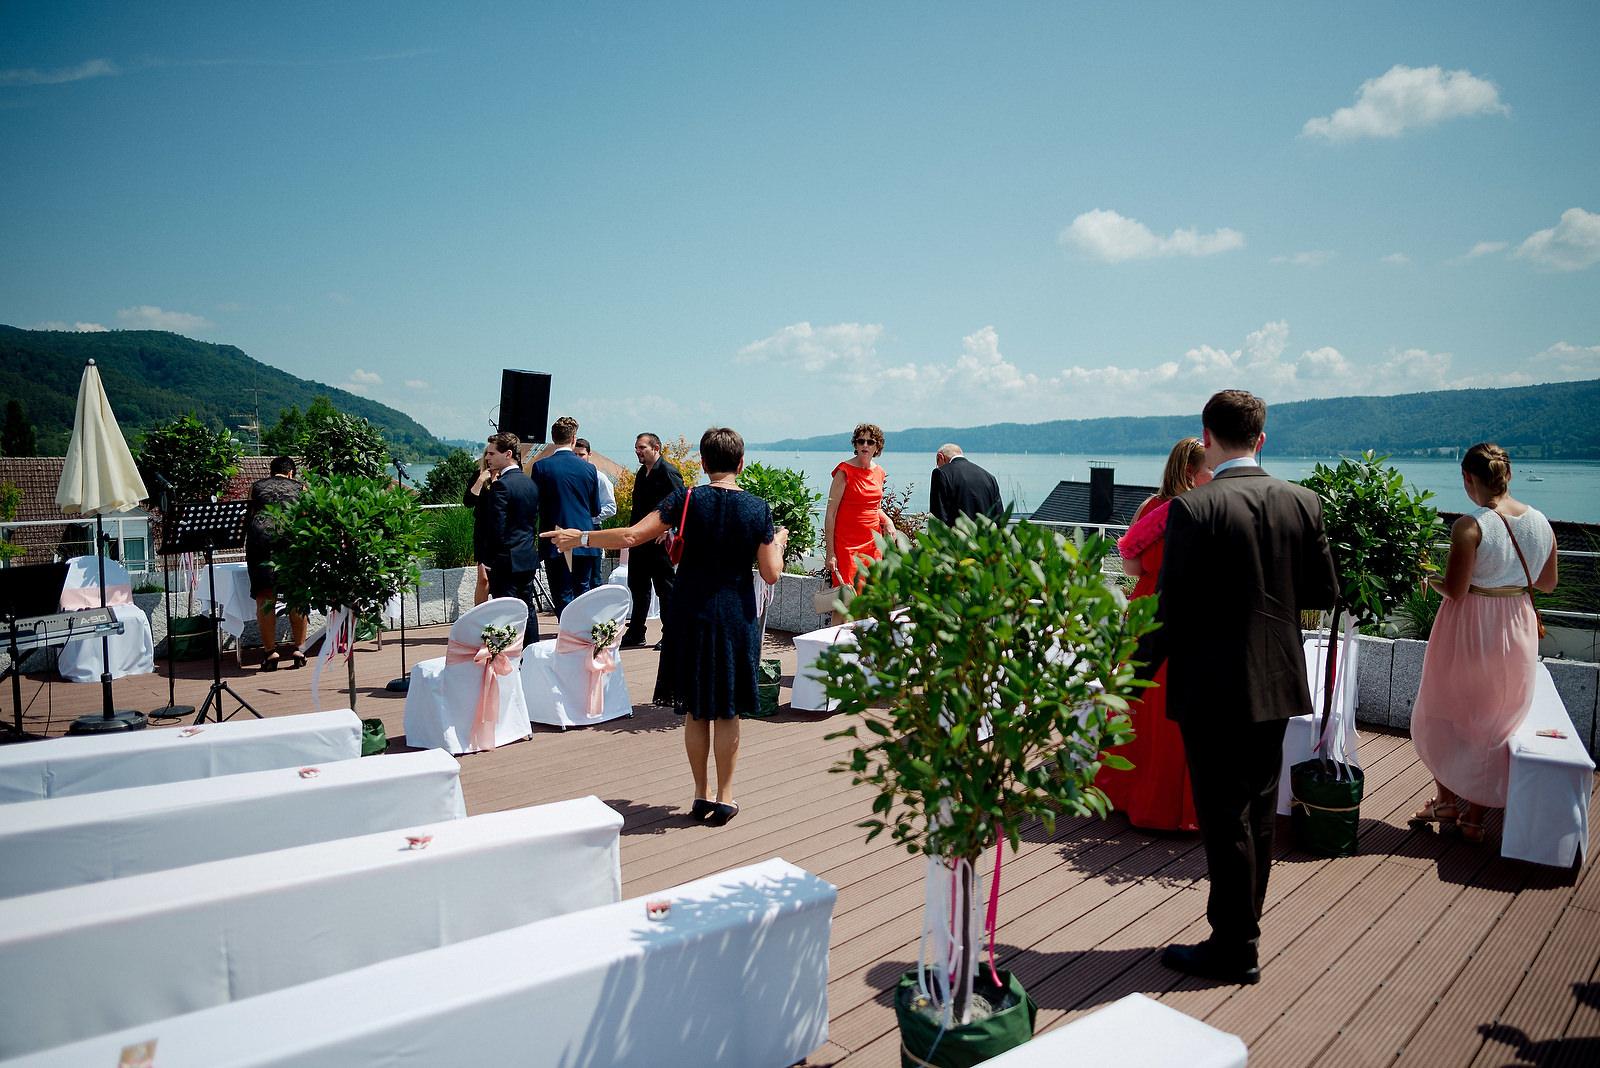 Fotograf Konstanz - Hochzeitsfotograf Bodensee Zollhaus Ludwigshafen Hochzeit Konstanz EFP 016 - Hochzeitsreportage im Zollhaus in Bodman-Ludwigshafen, Bodensee  - 149 -